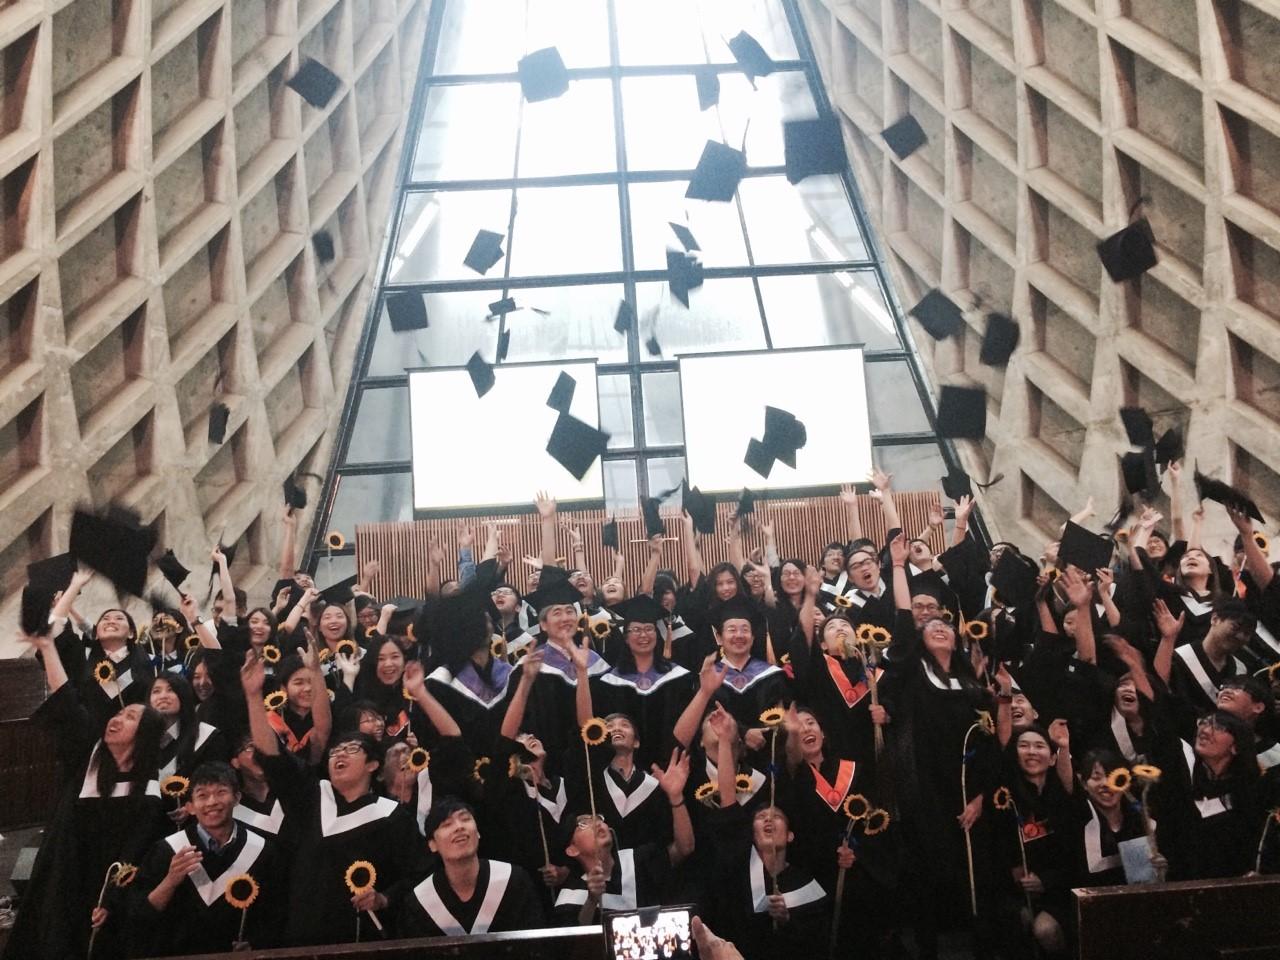 103學年度(100級)畢業祝福禮